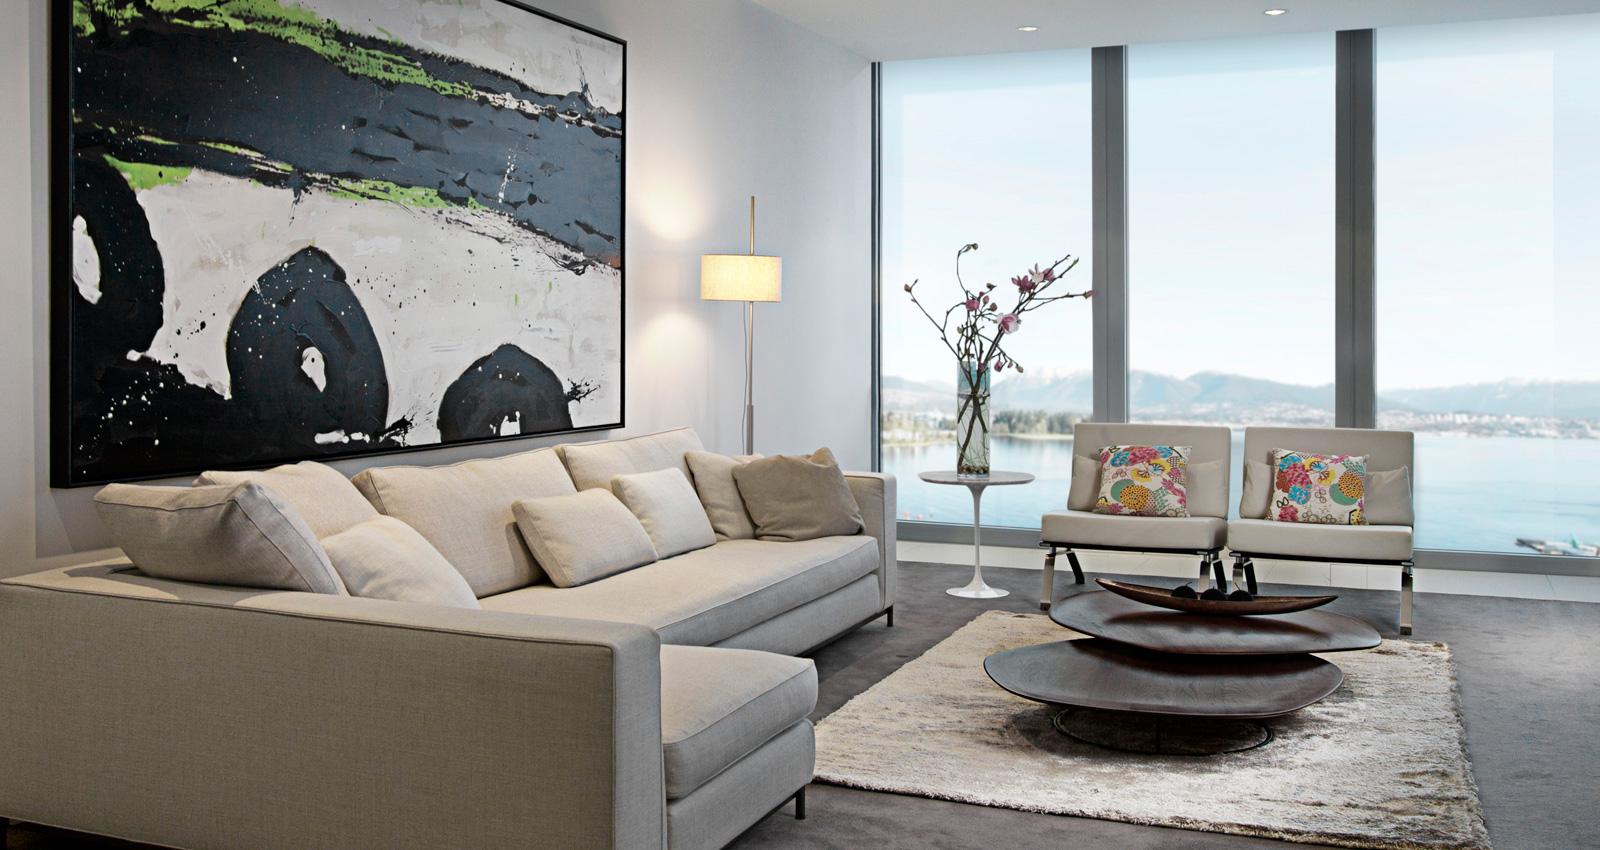 living room01 crop 03